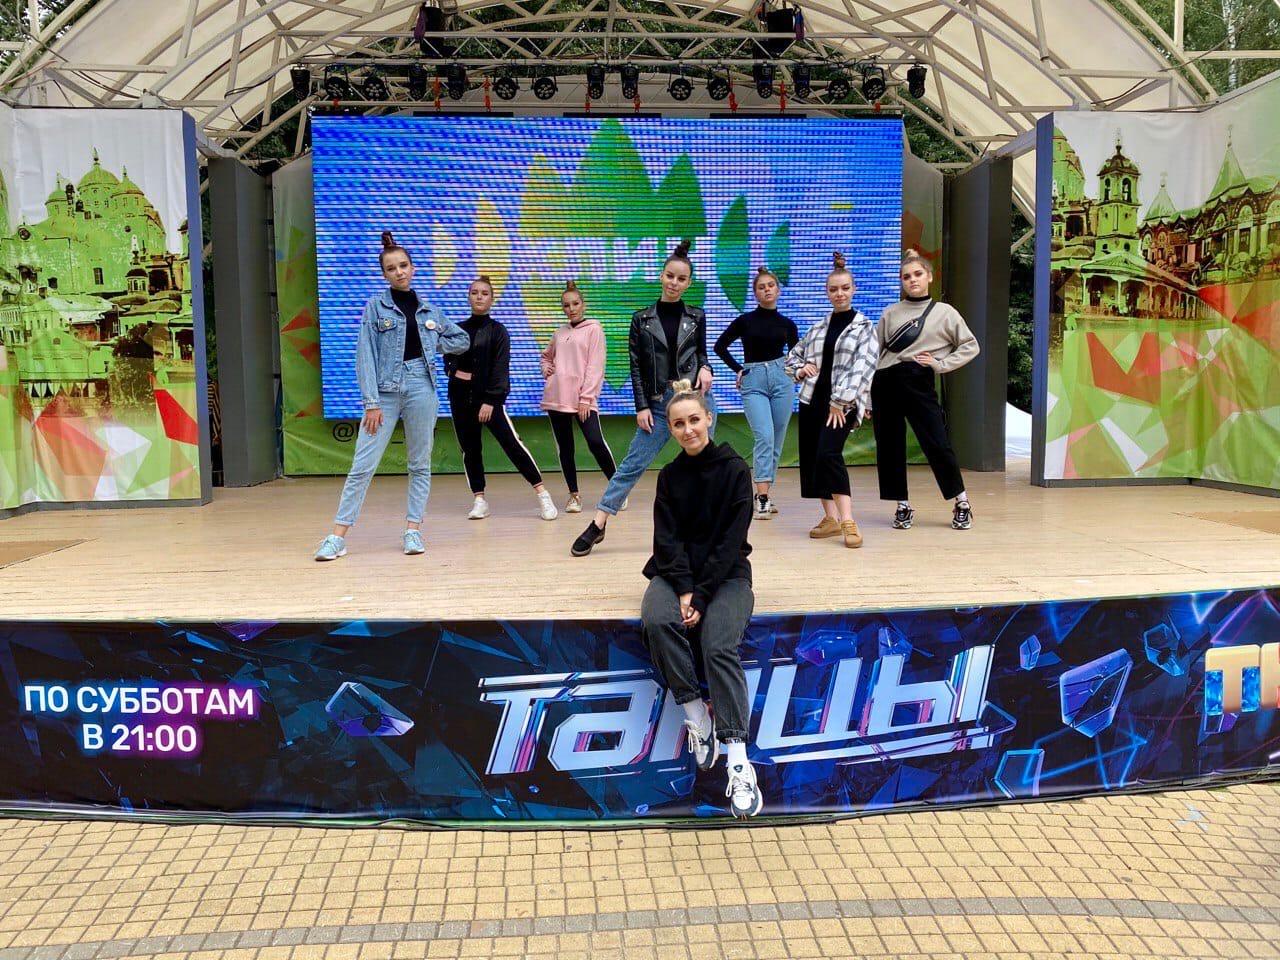 Тверской танцевальный коллектив выступил перед хоpеогpафами миpового уpовня и победил